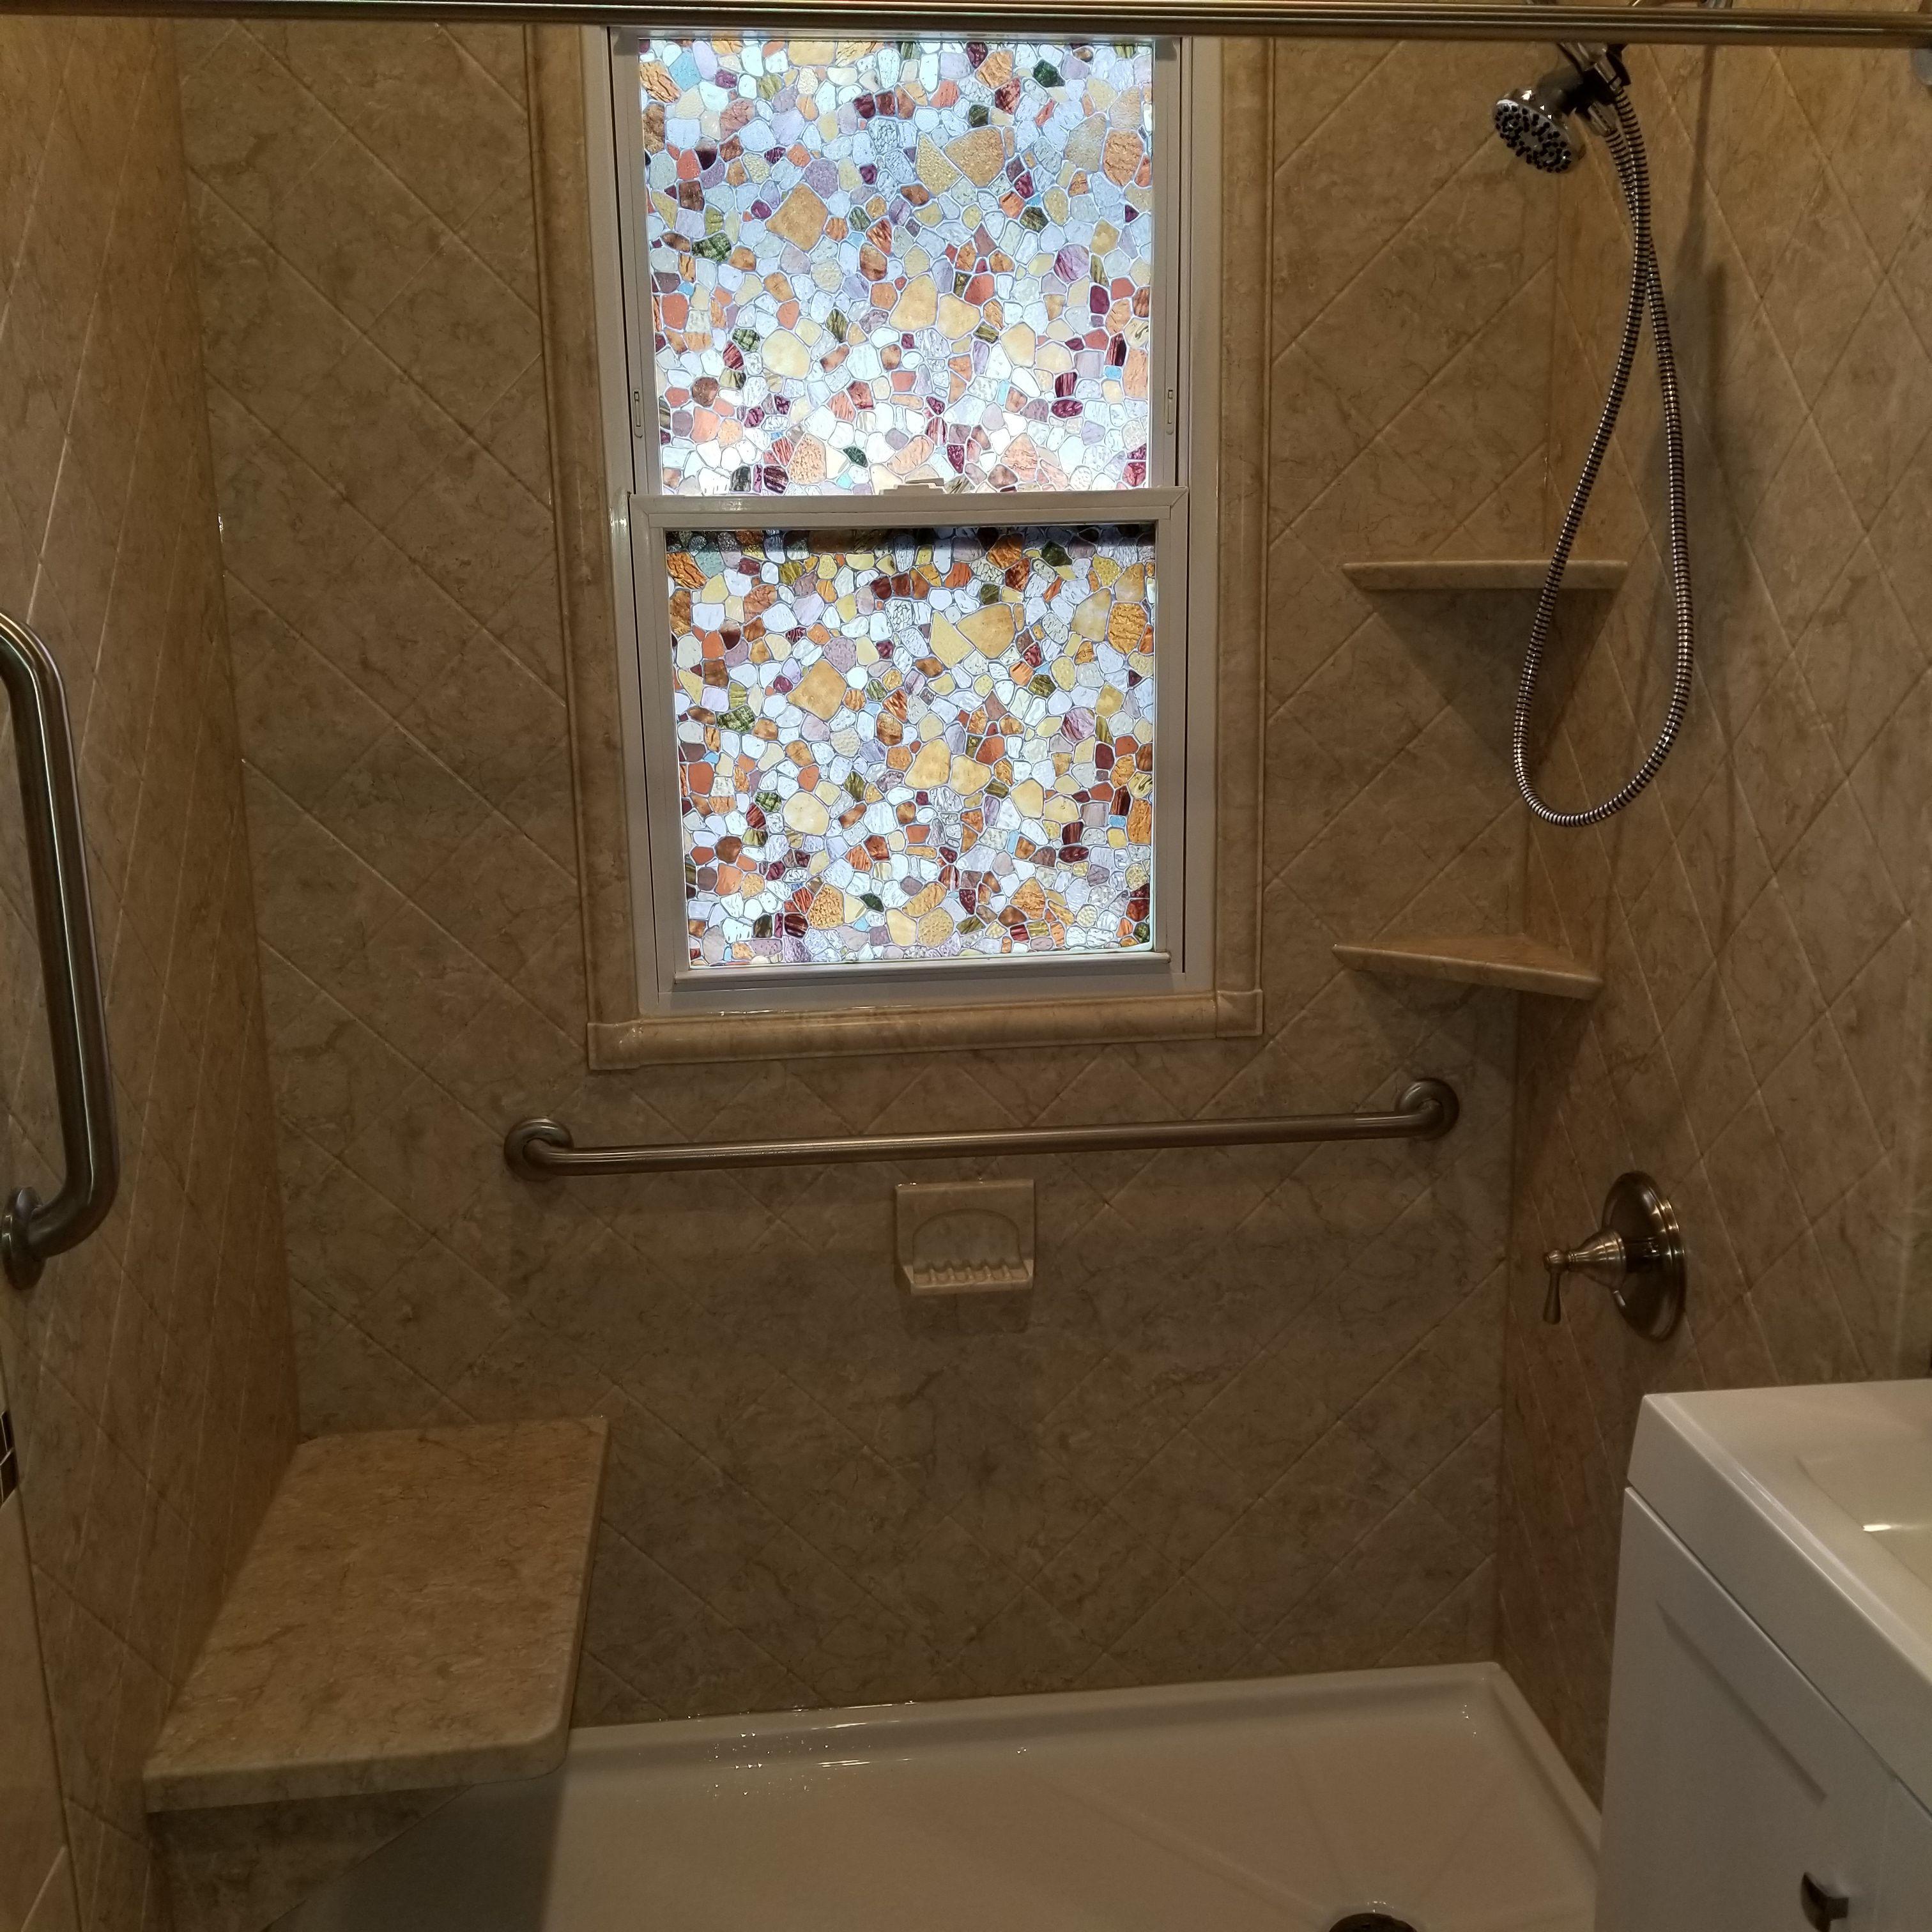 Tub To Shower Remodel North Arlington Nj Tub To Shower Remodel Shower Remodel Shower Renovation